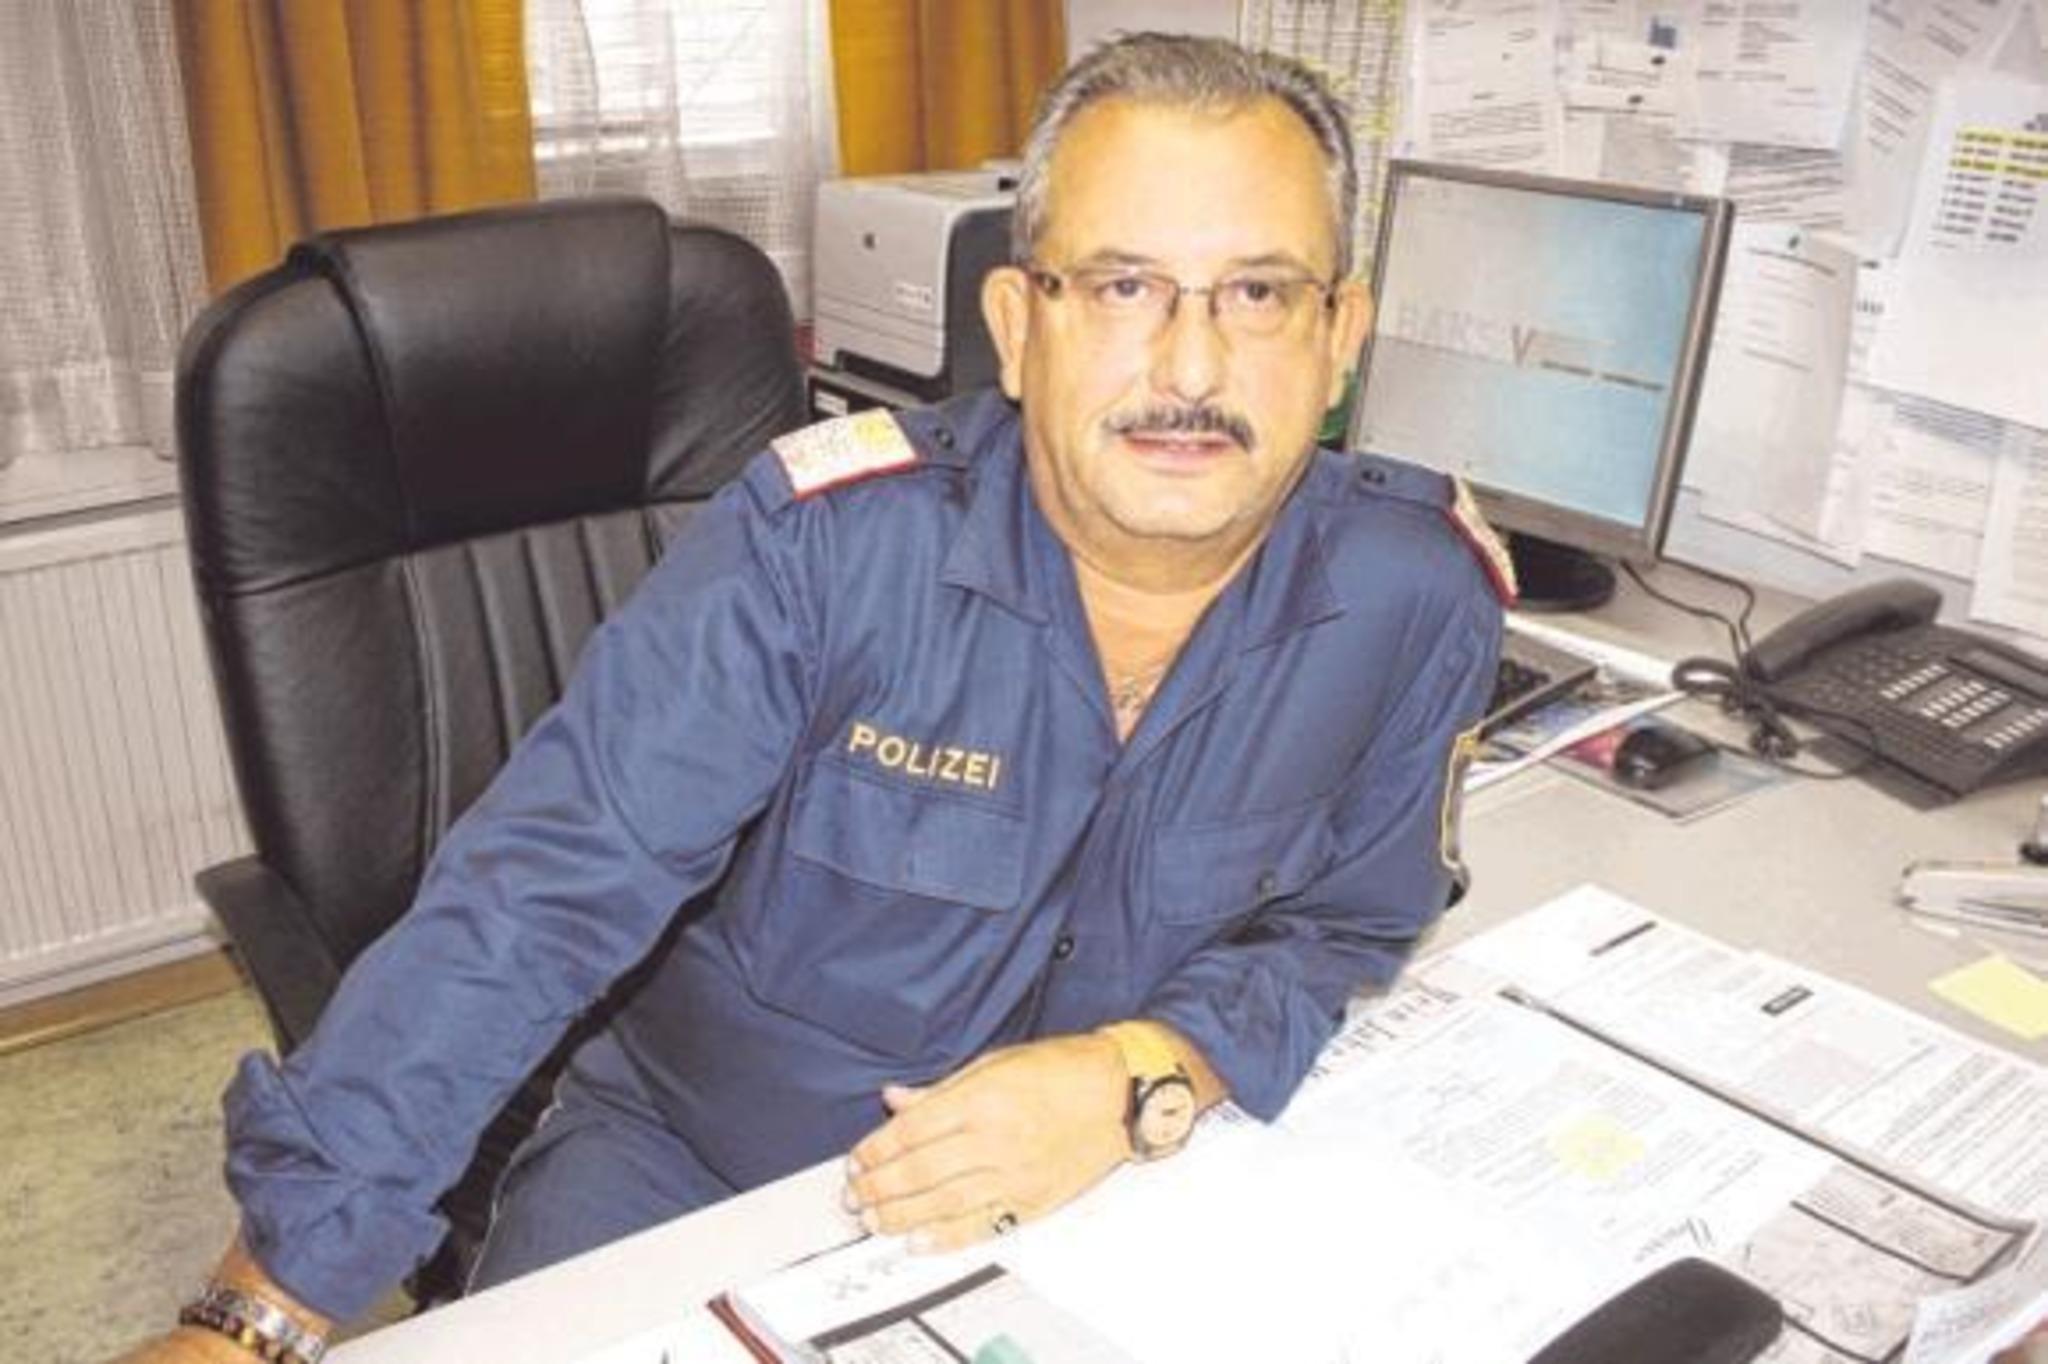 Simmering polizisten kennenlernen - Frauen aus